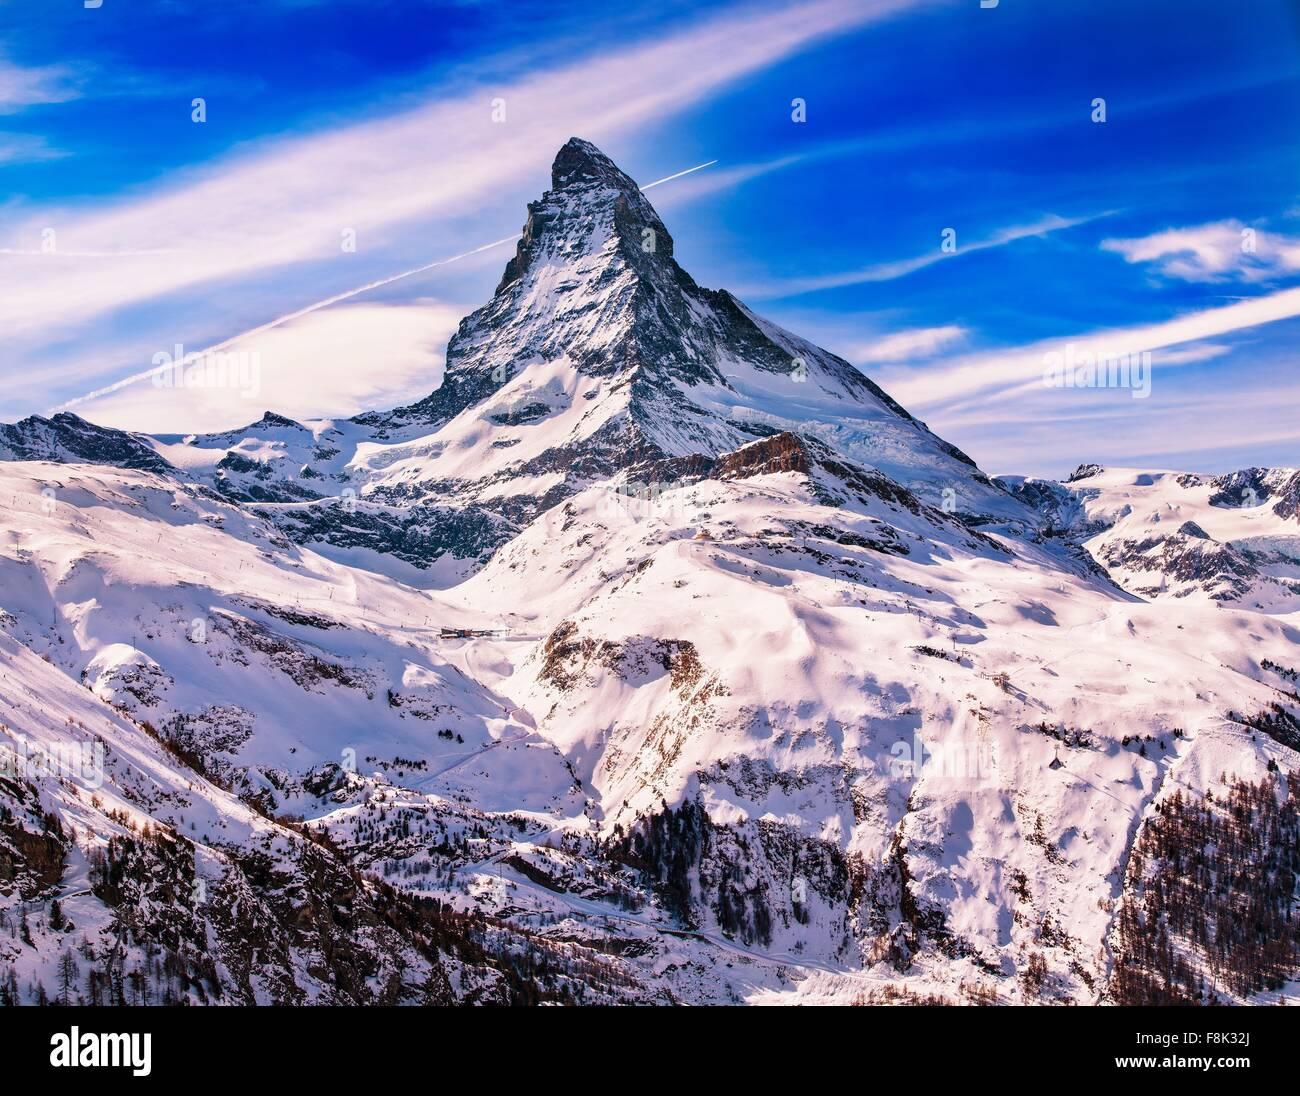 Erhöhten Blick auf Schnee bedeckt Matterhorn, Zermatt, Schweiz Stockbild